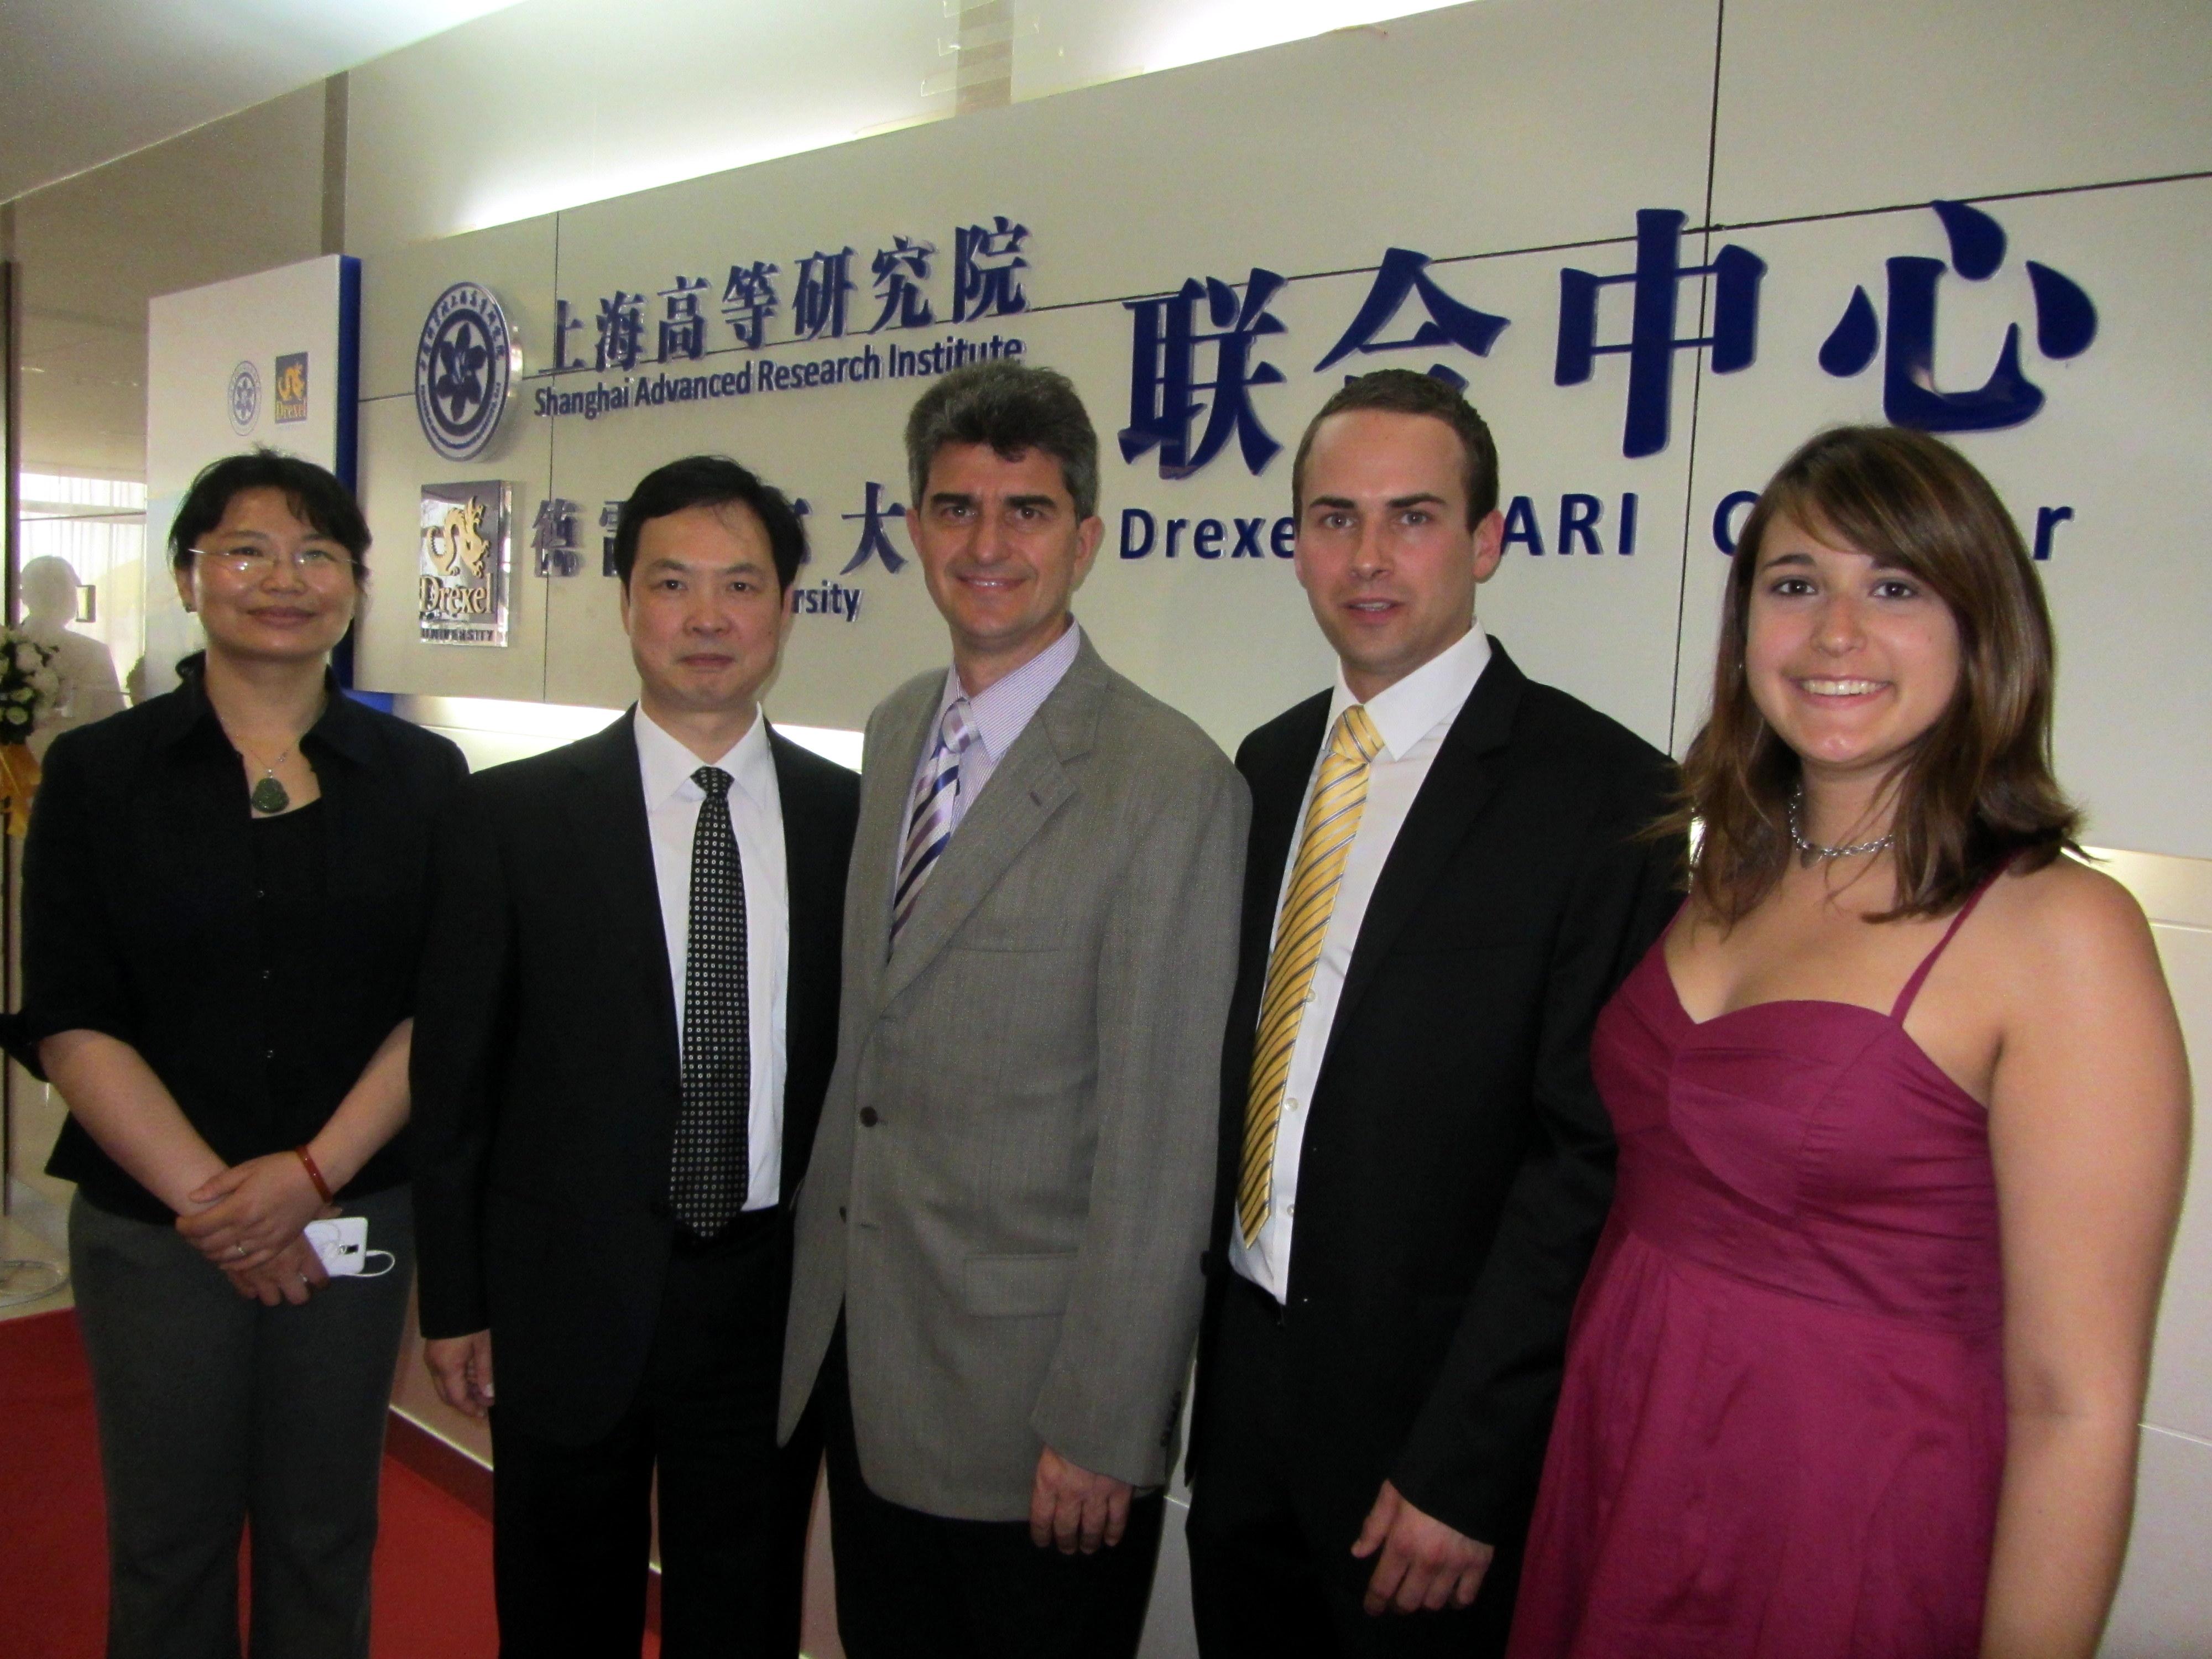 Профессор Юрий Георгиевич Гогоци ( Yury Gogotsi), аспирантка Аманда Пэнткост(Amanda Pentecost) и кандидат наук Янис Нейцел(Ioannis Neitzel) , с китайскими коллегами из SARI на открытии Drexel-SARI Center.